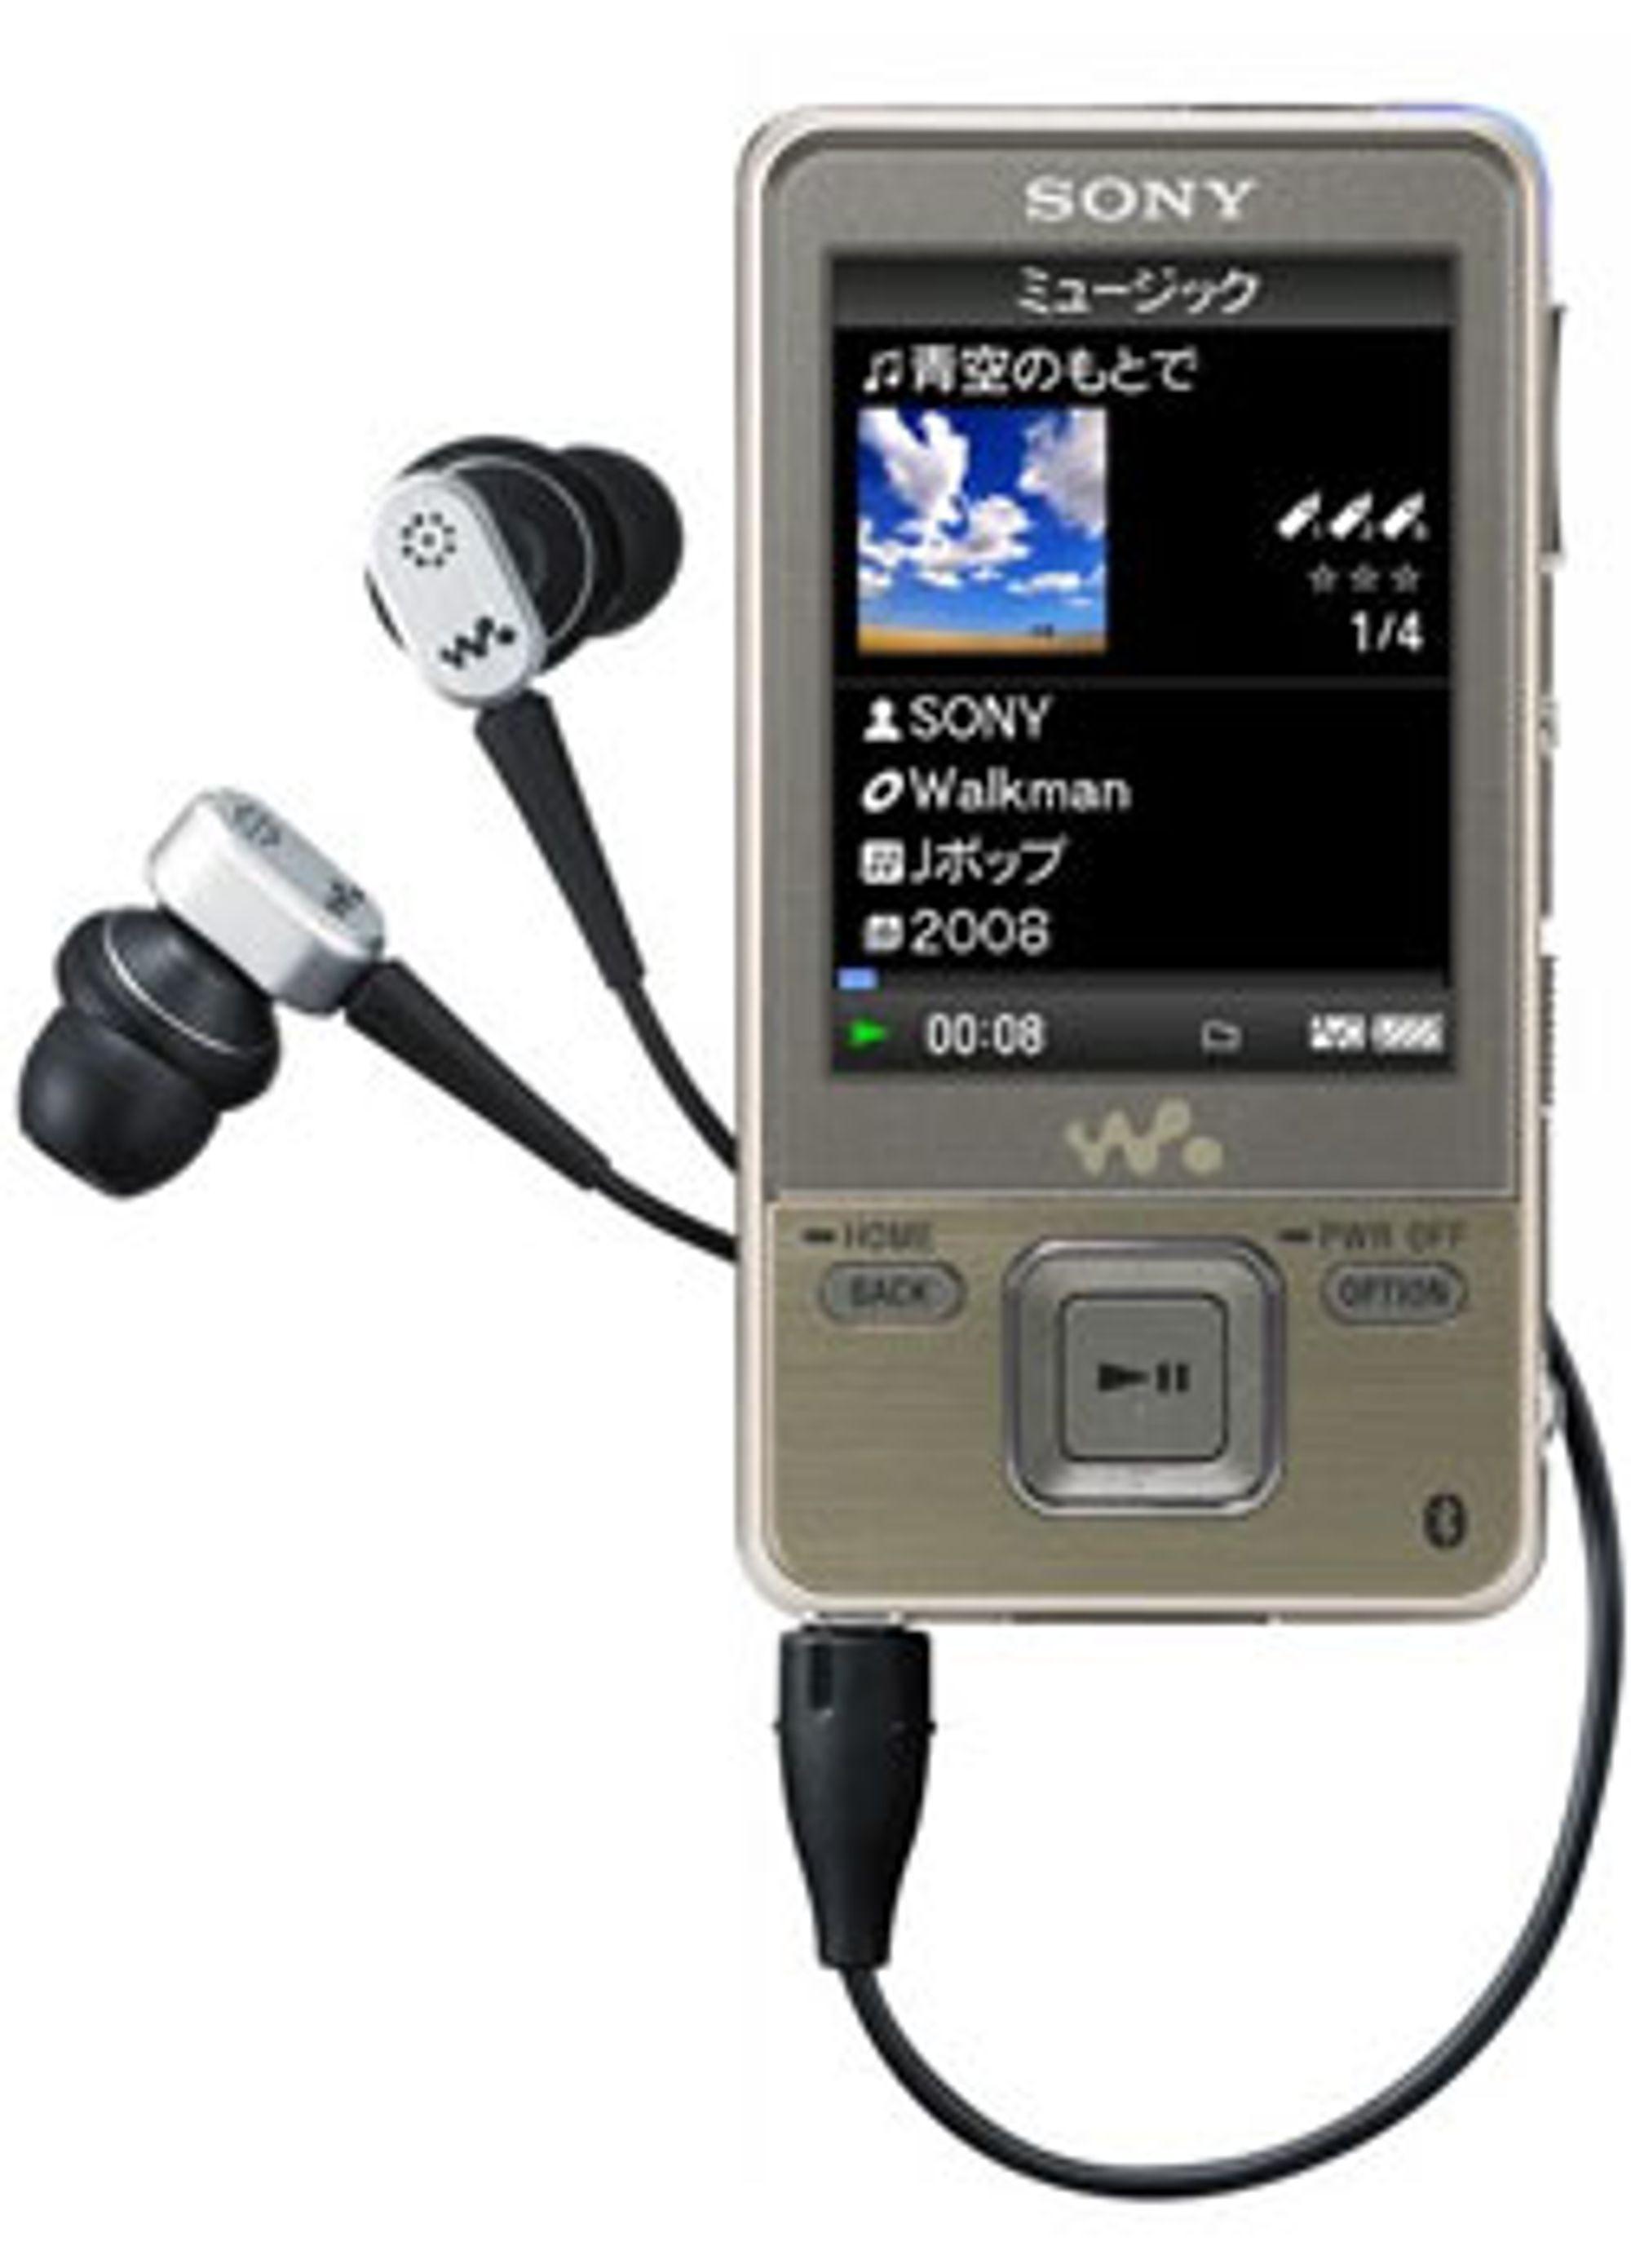 A820 leveres i tilsammen fire farger: svart, sølv, gull og rosa.